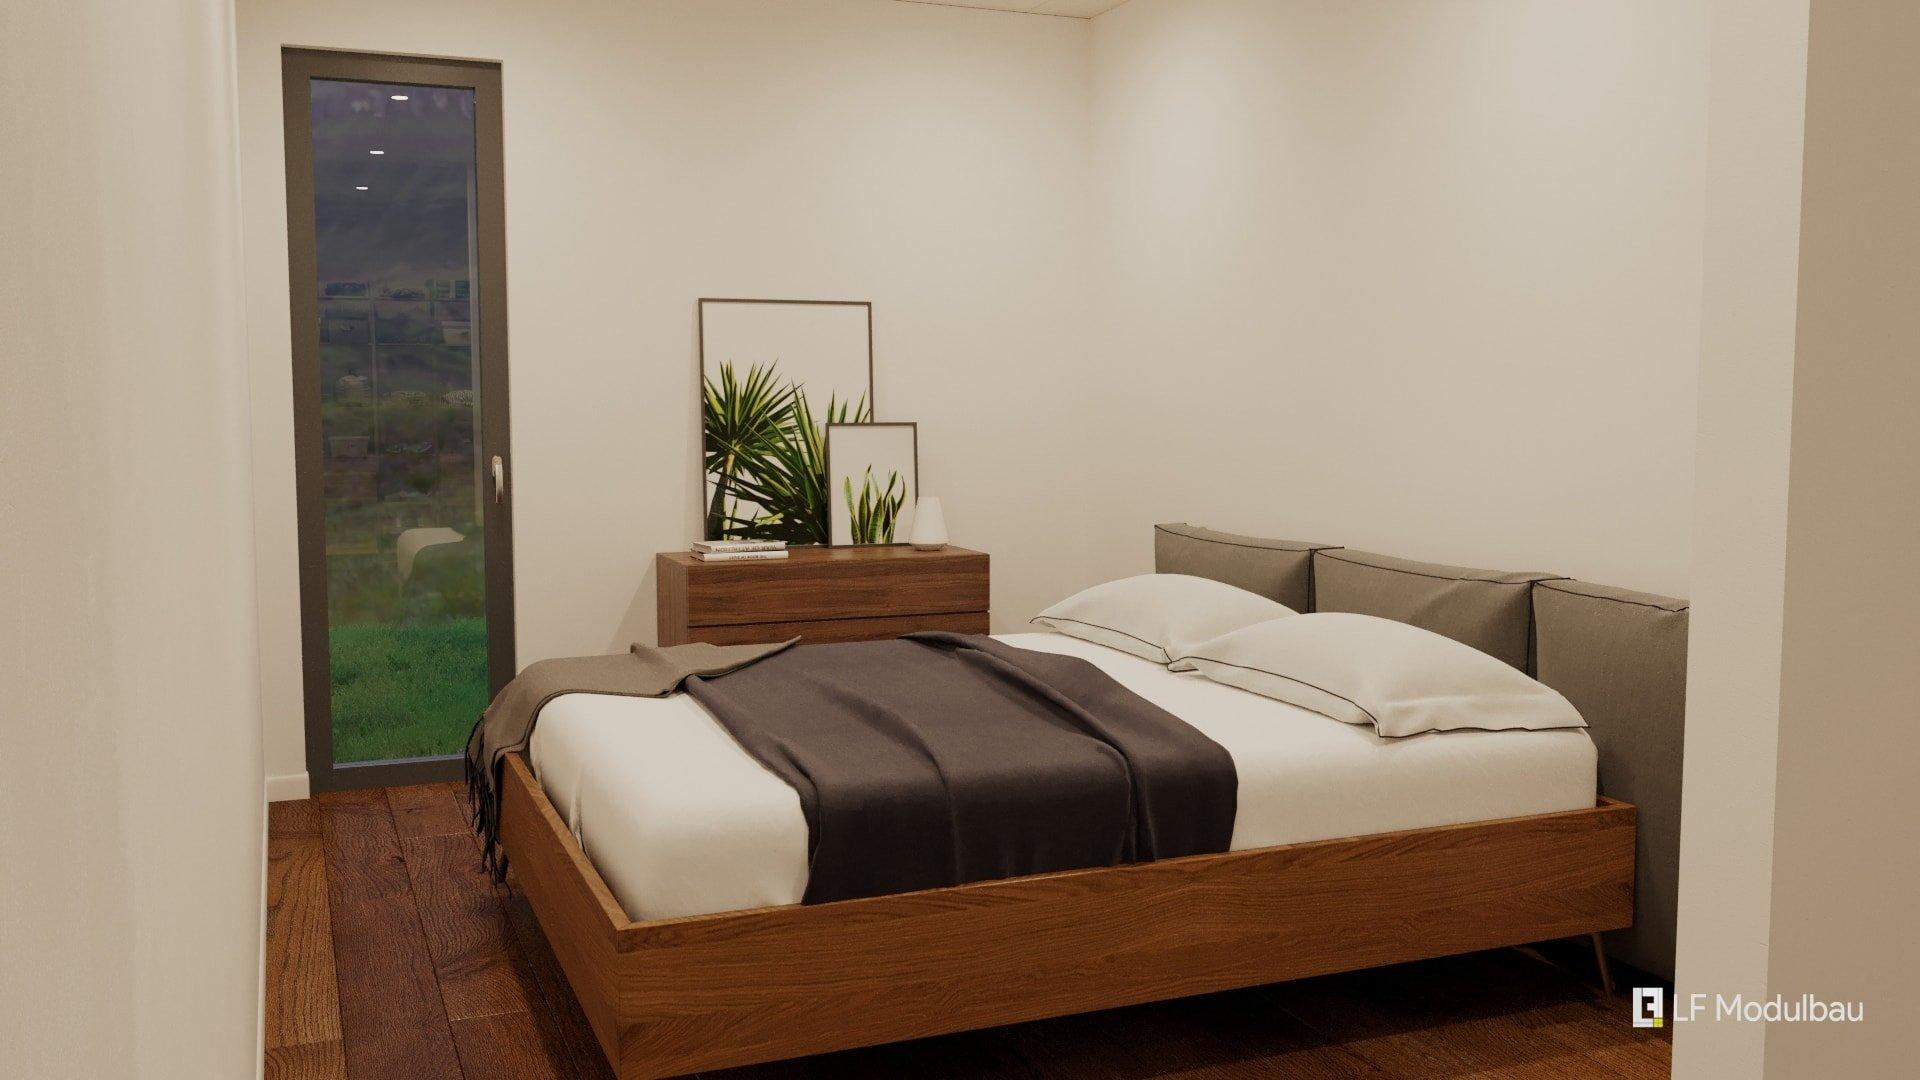 Das Schlafzimmer unseres Fertighauses in Modulbauweise - LF Home IV